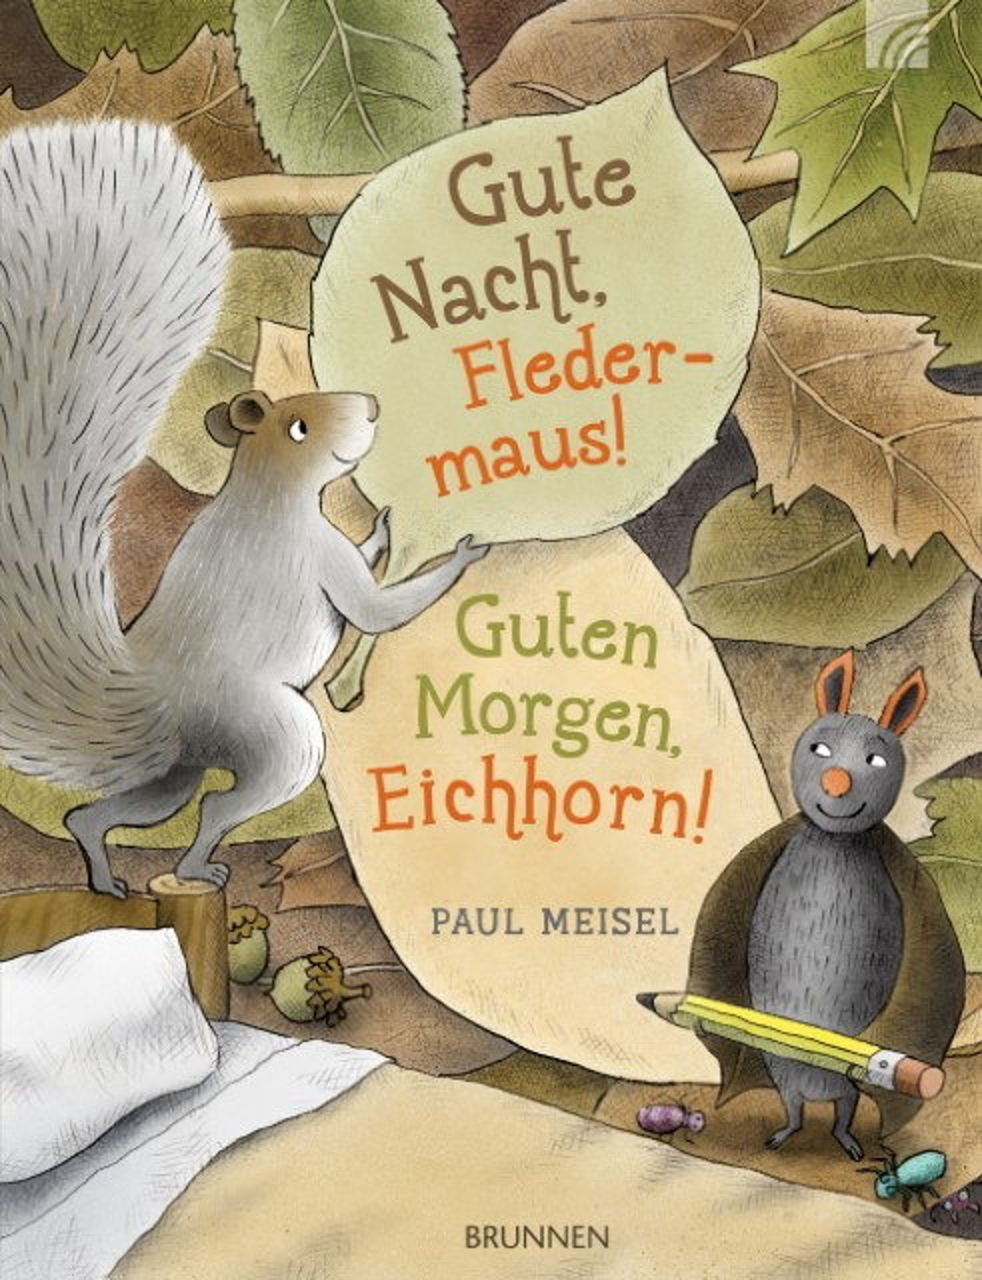 Gute Nacht Fledermaus Guten Morgen Eichhorn Von Paul Meisel Gebundenes Buch